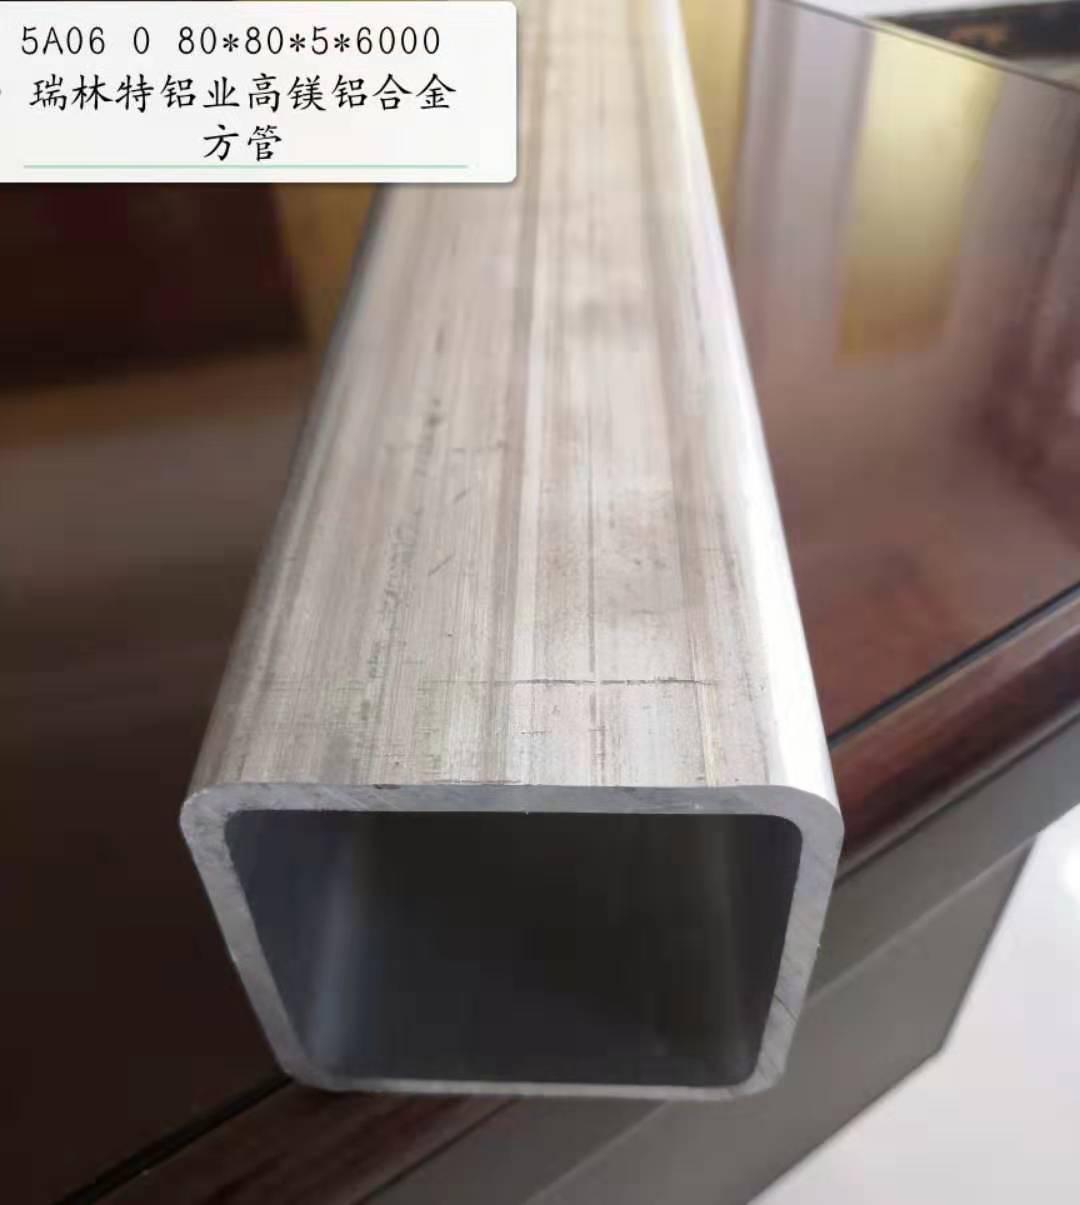 2024无缝铝管厂家报价「湖北瑞林特铝业科技股份供应」